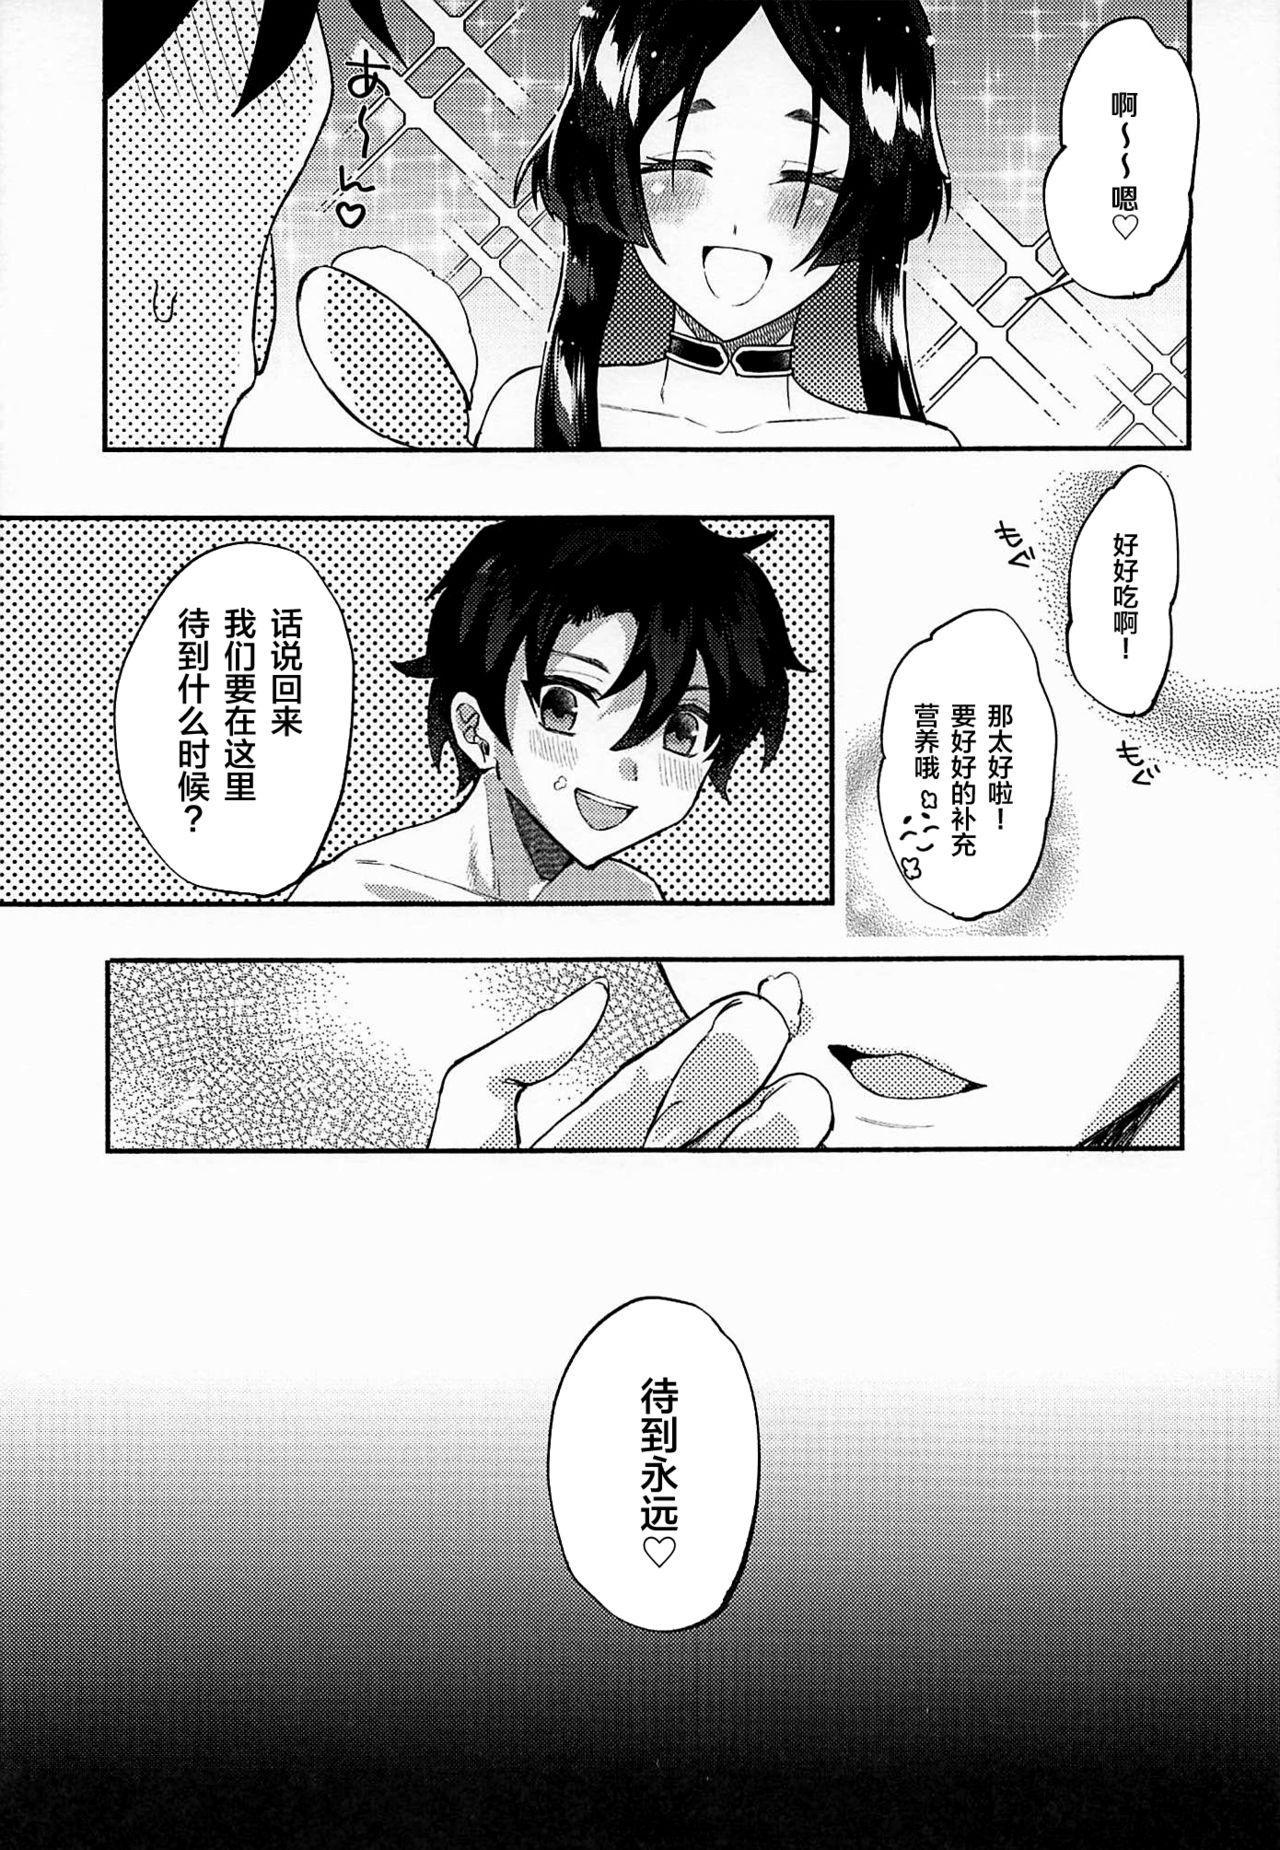 Raikou-san to Saikou no Rakuen de 19